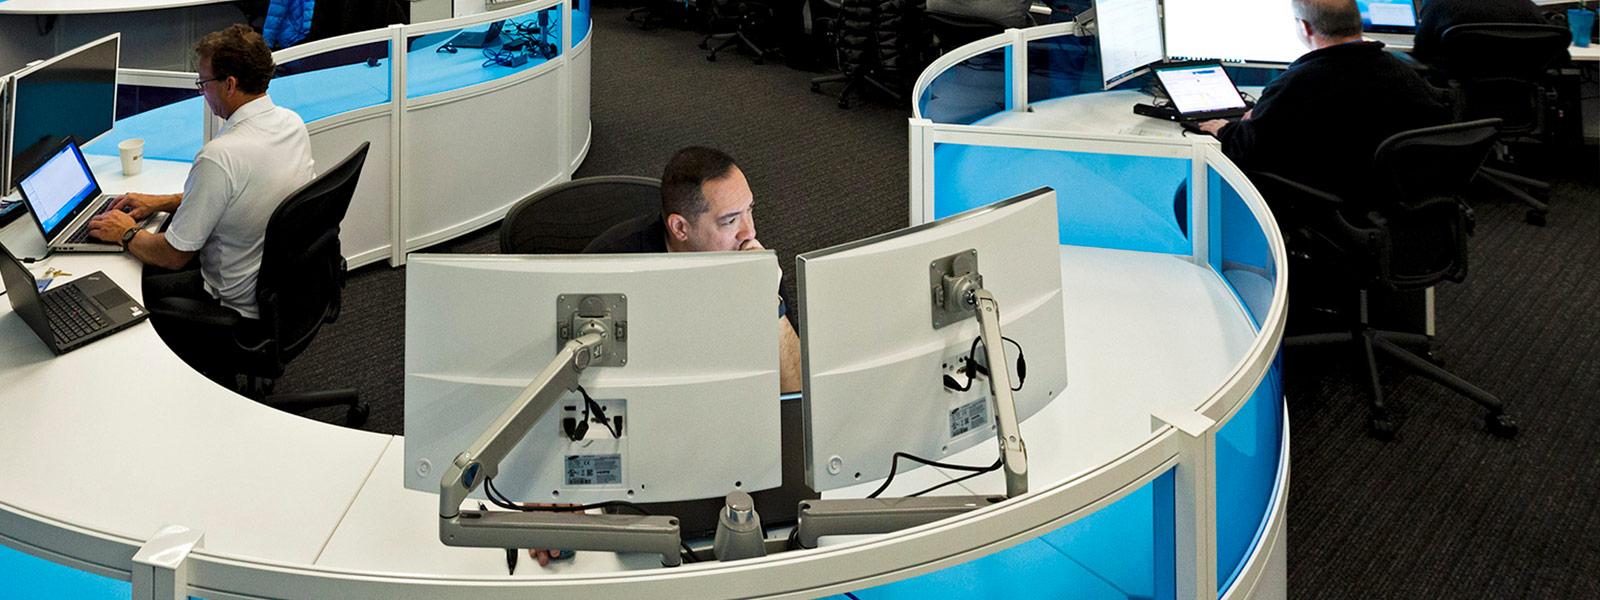 Homem no centro de segurança cibernética olhando para 2 monitores